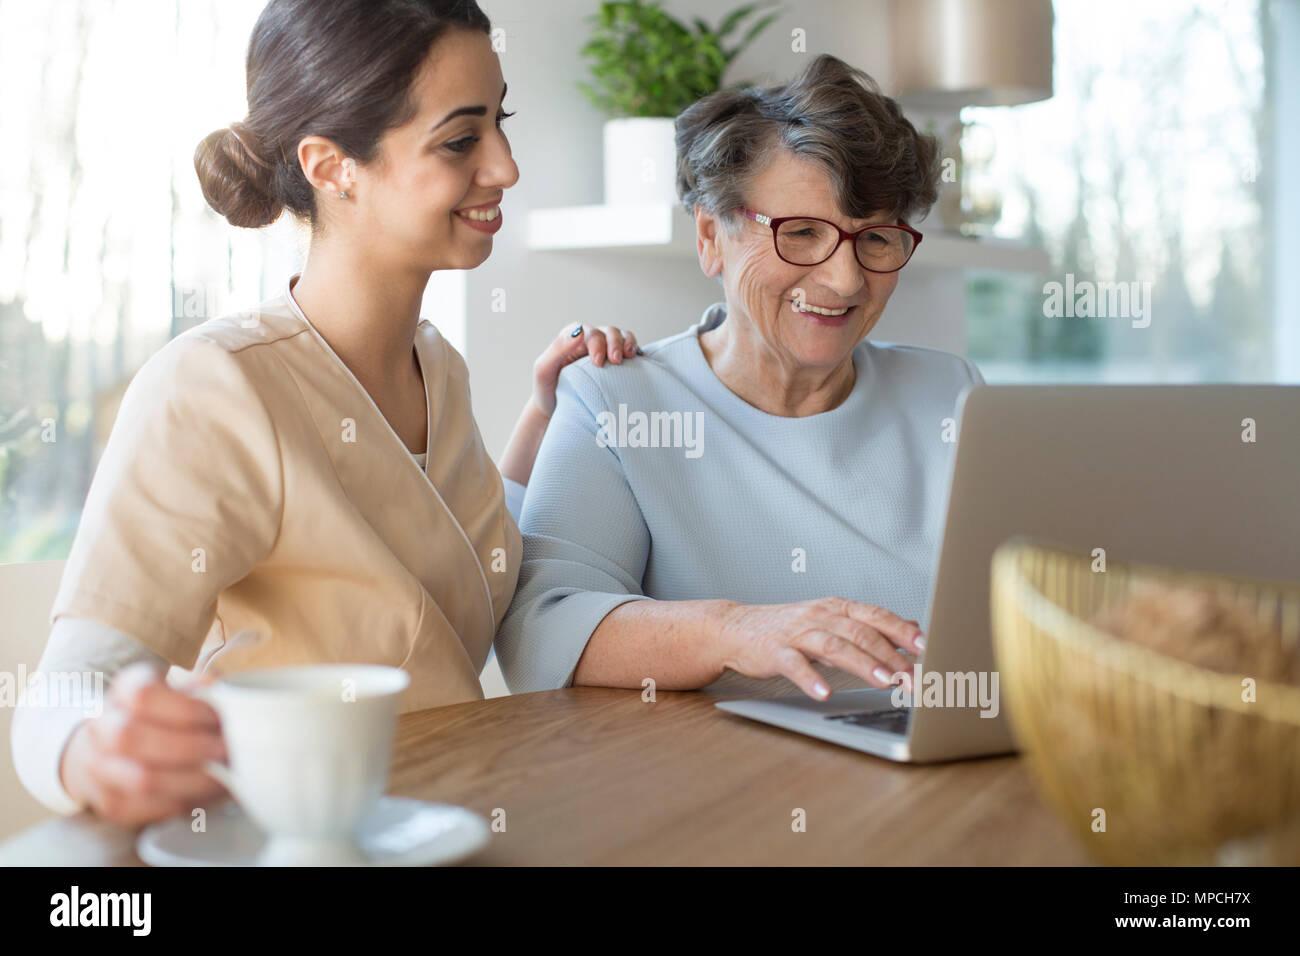 Fermeture provisoire d'offres l'espace de génération et de l'enseignement a smiling woman l'utilisation d'Internet sur un ordinateur portable tout en étant assis à une table dans une salle lumineuse r Photo Stock